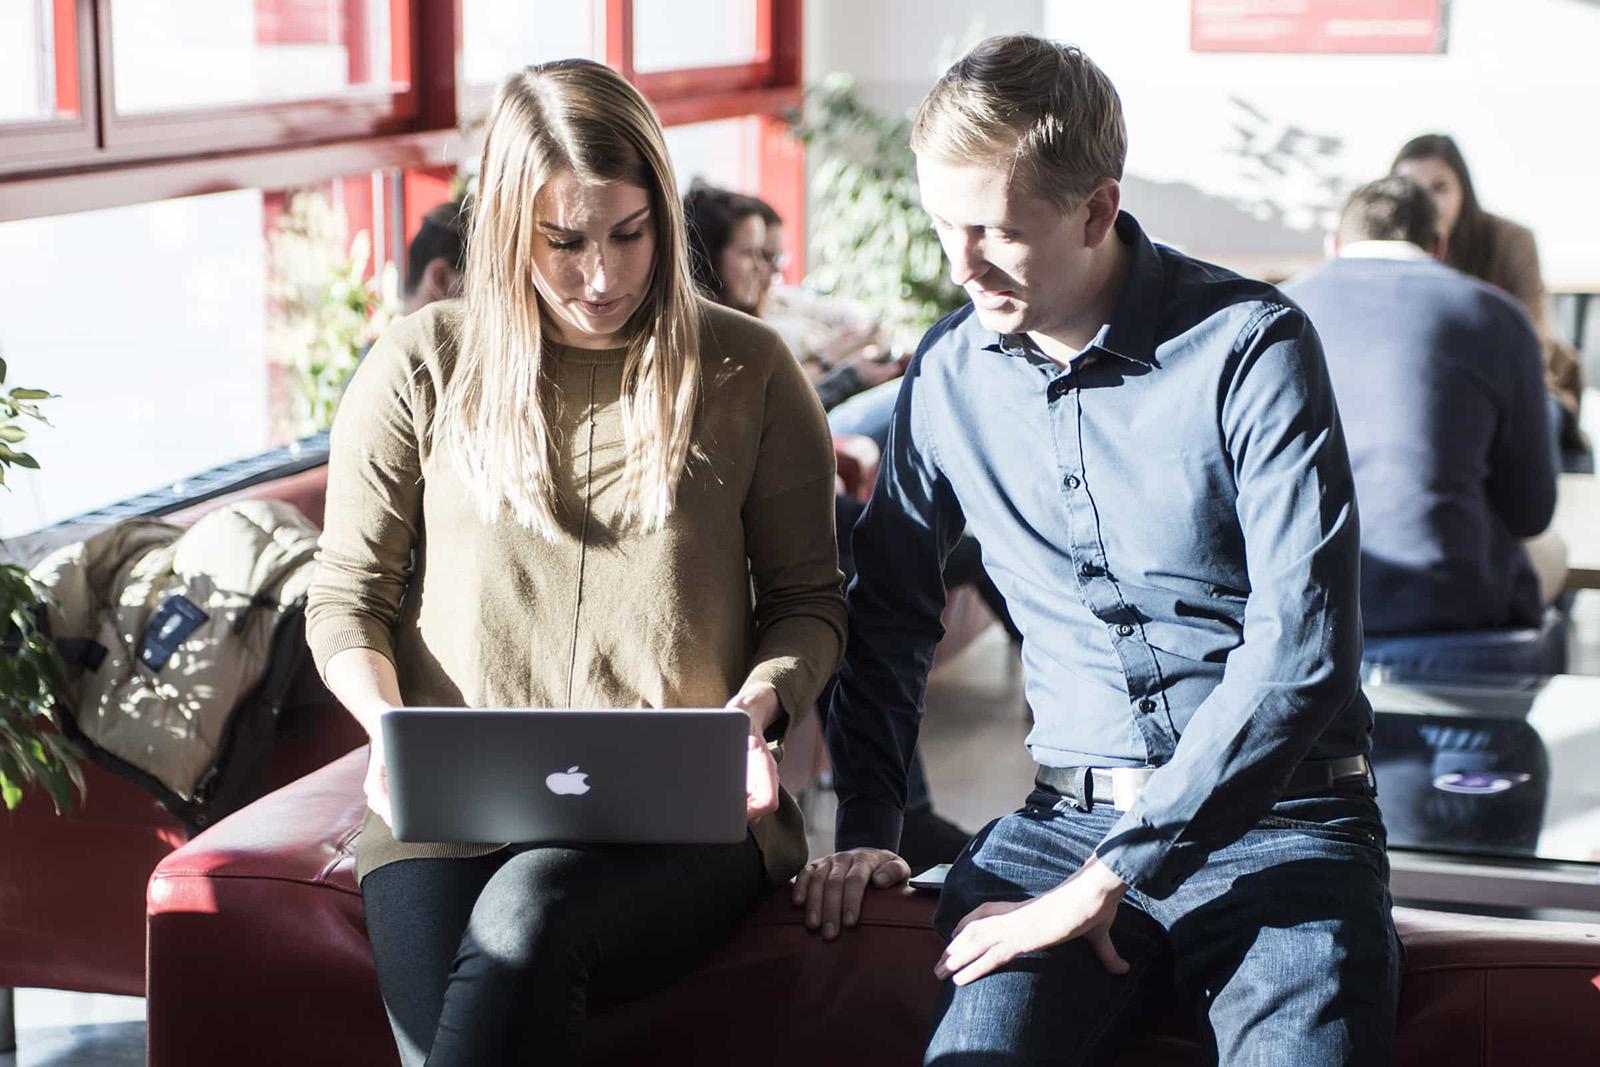 FH Studenten bei der Besprechung am Laptop auf roter Couchlehne sitzend